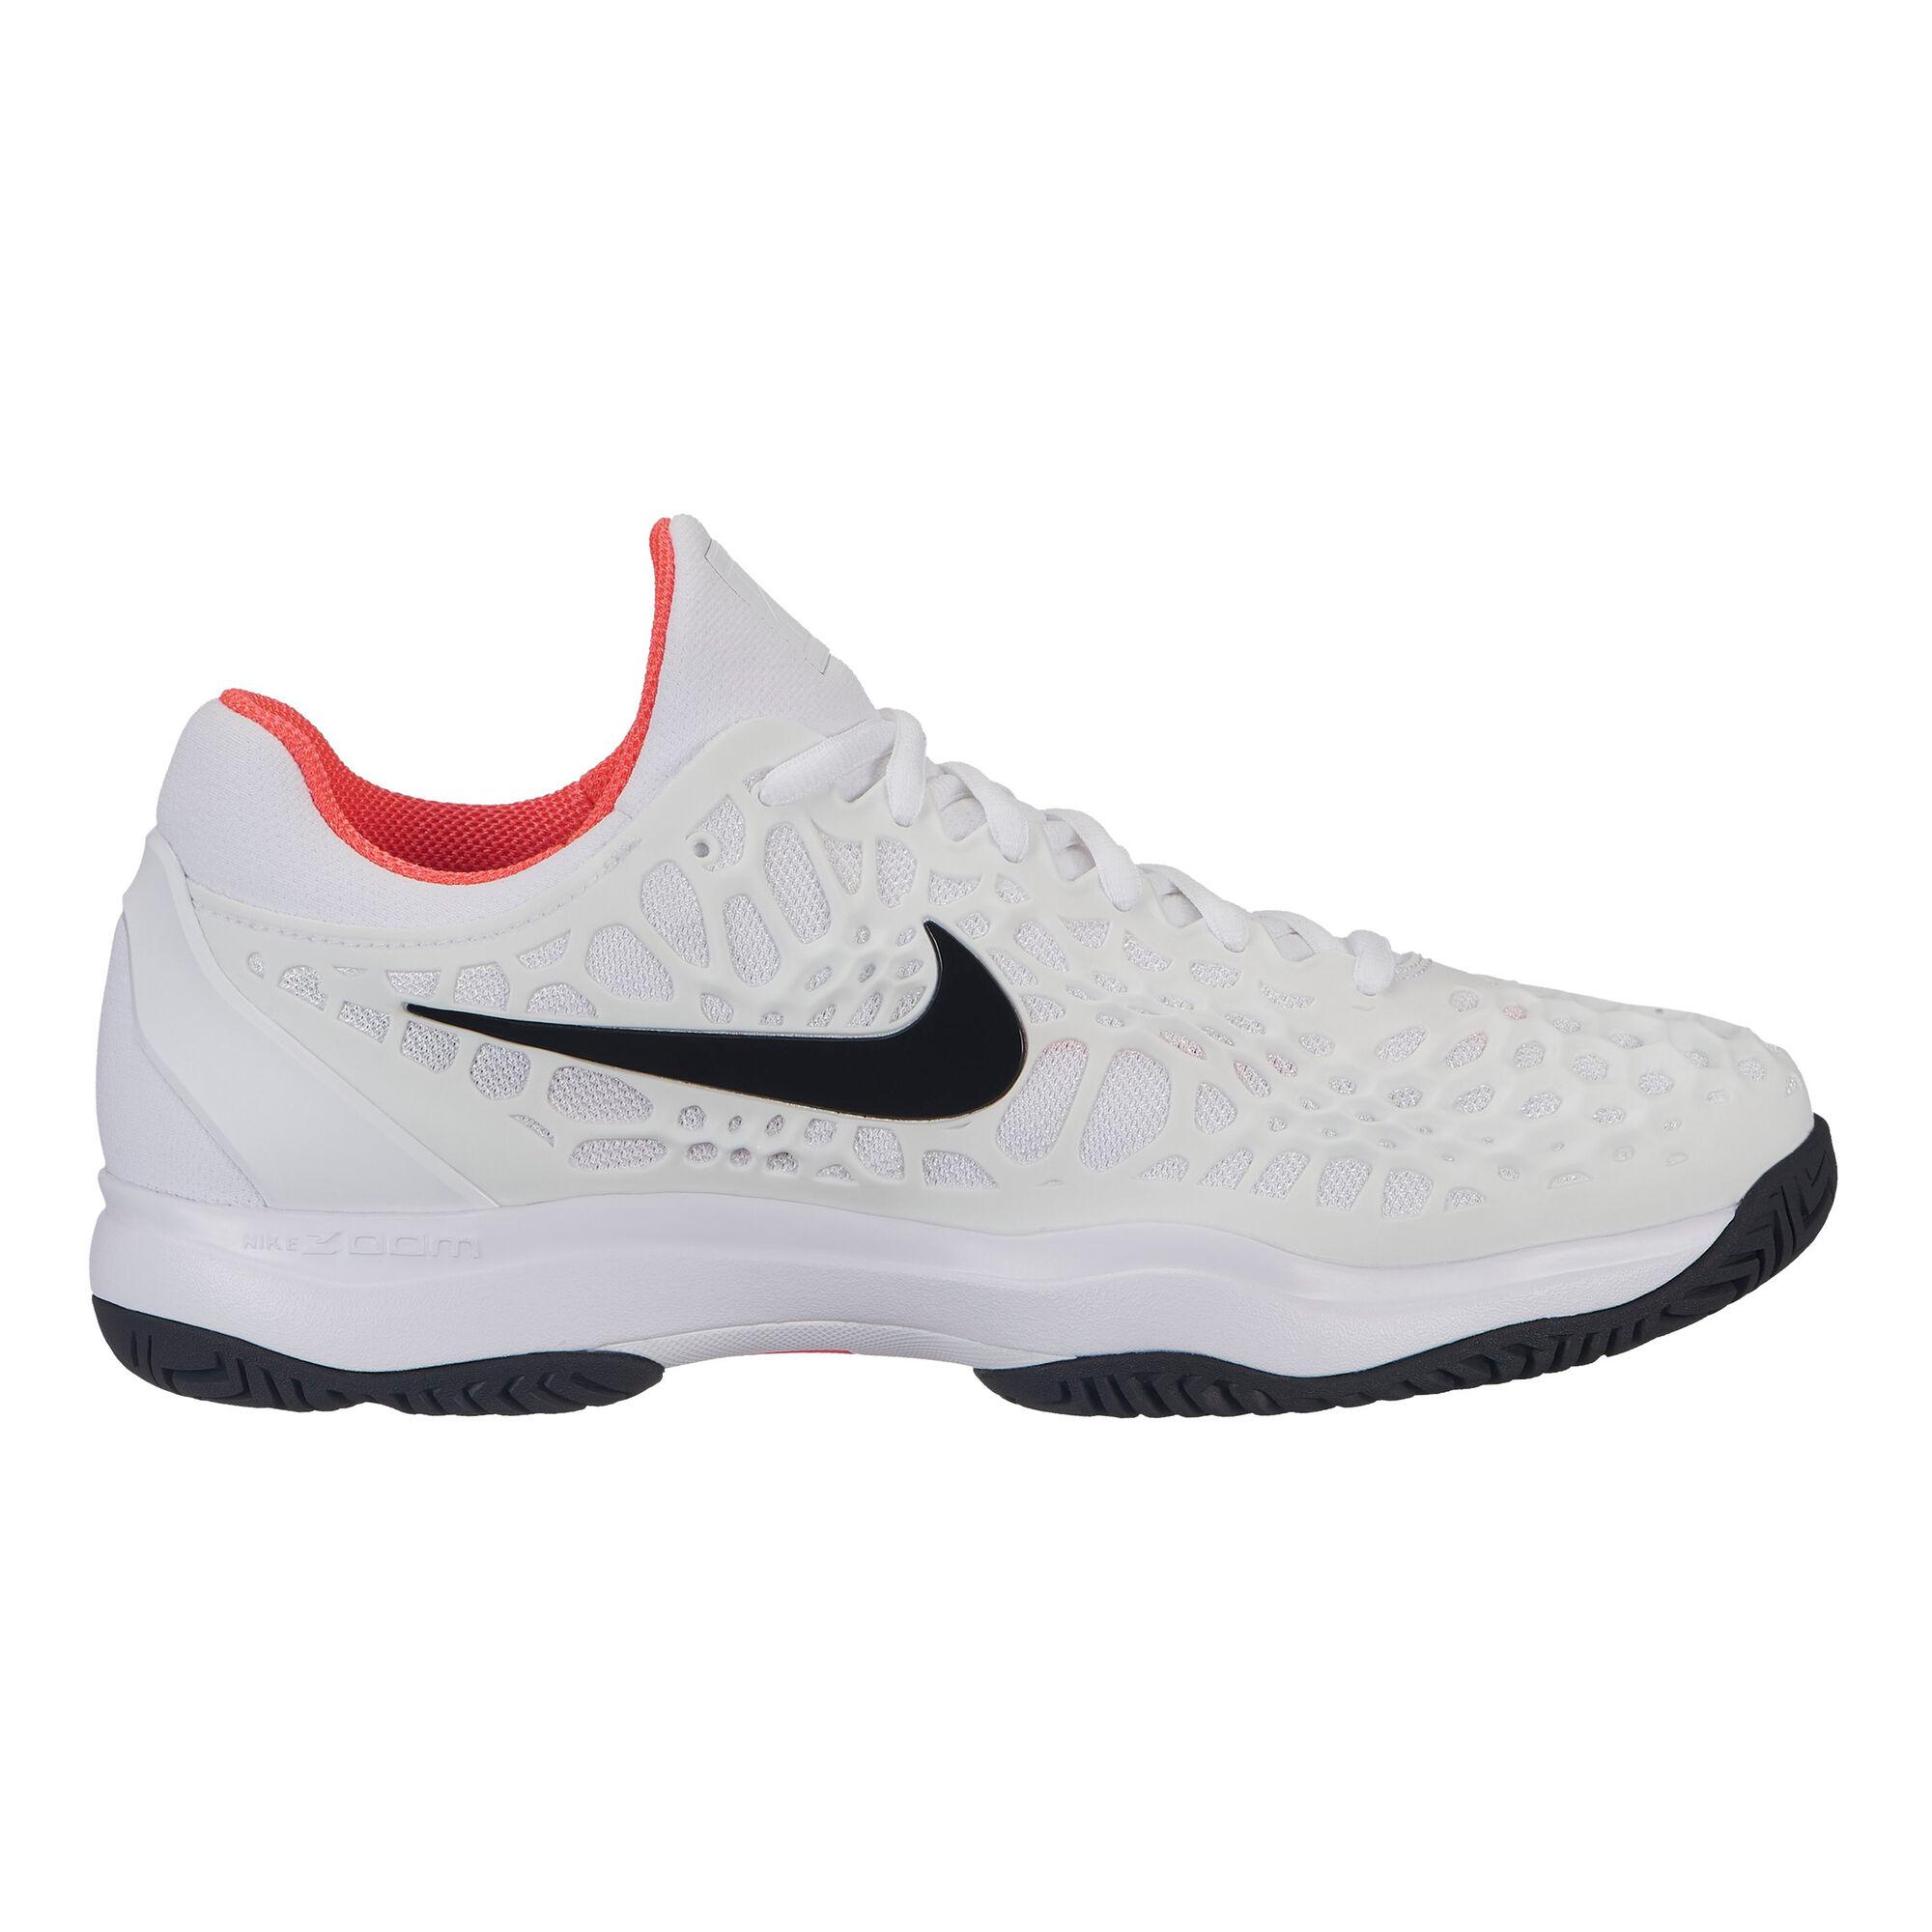 new style 0dddf 9511c Nike · Nike · Nike · Nike · Nike. Air Zoom Cage 3 ...